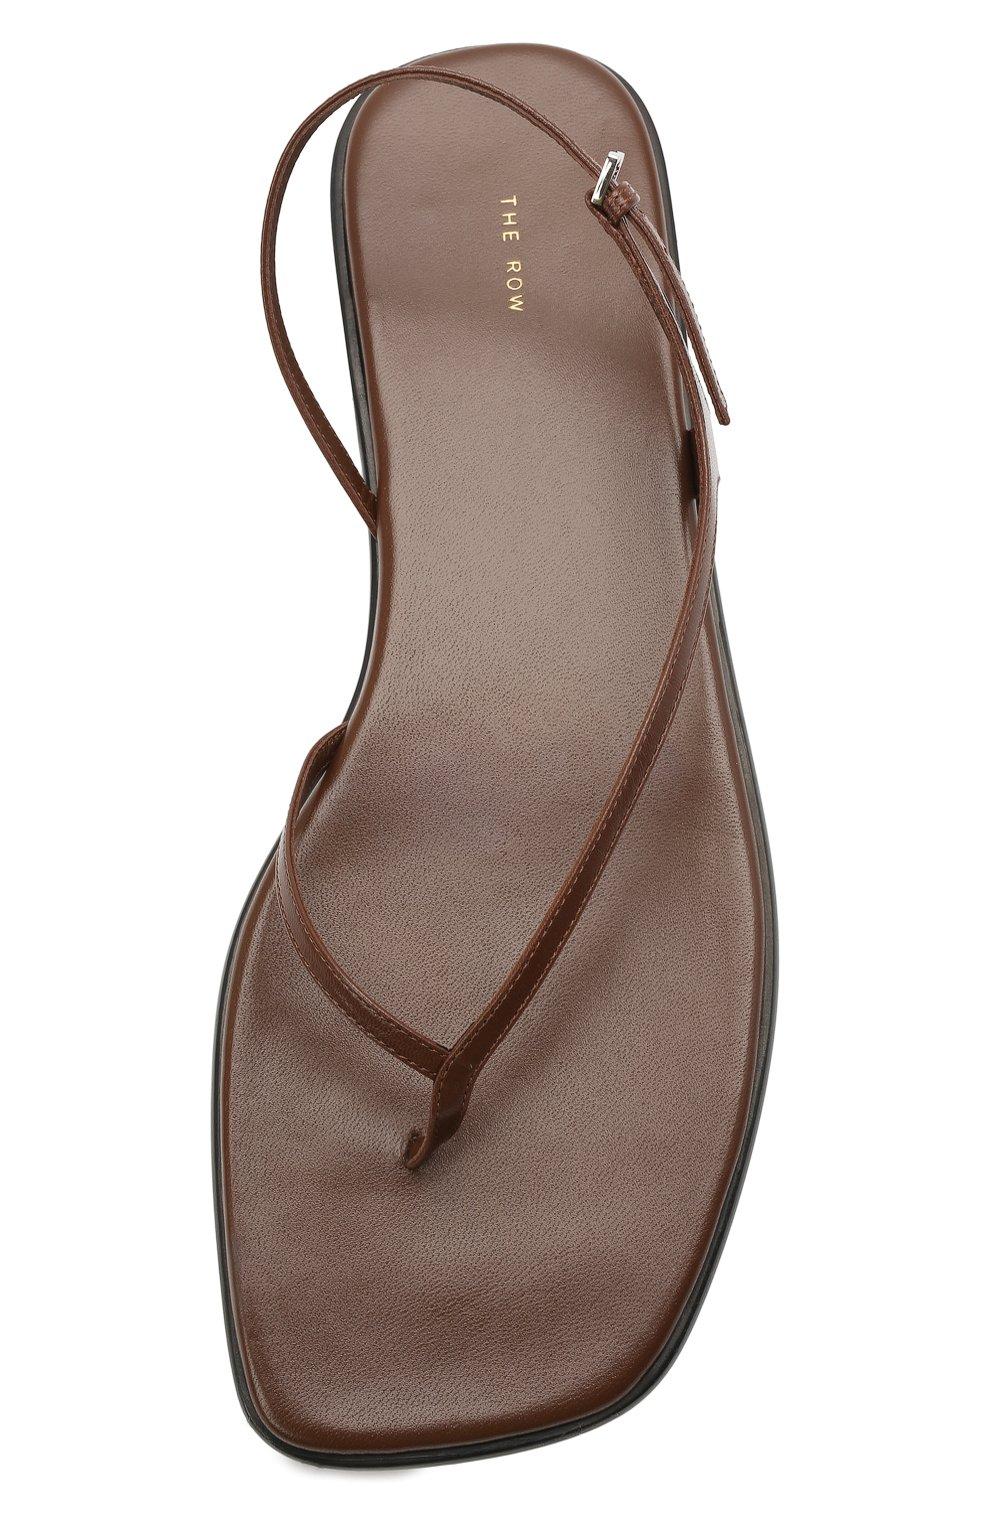 Женские кожаные сандалии THE ROW коричневого цвета, арт. F1197-L35 | Фото 5 (Каблук высота: Низкий; Материал внутренний: Натуральная кожа; Подошва: Плоская)